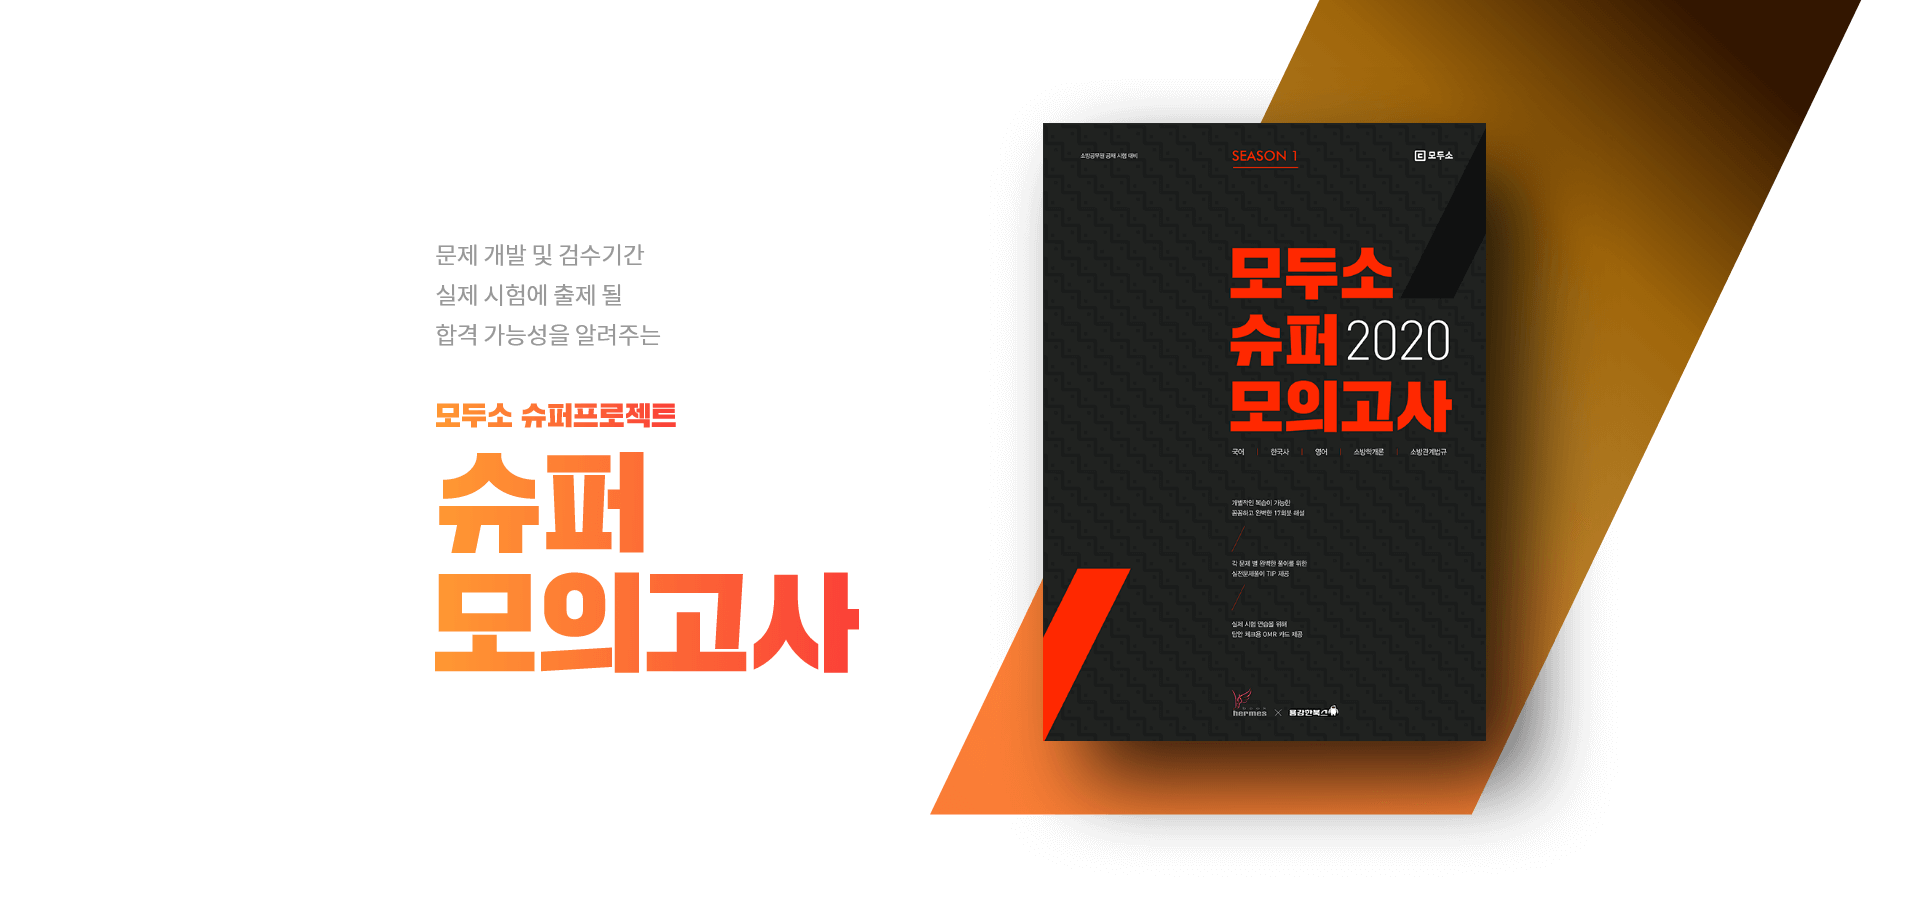 슈퍼모의고사 상단